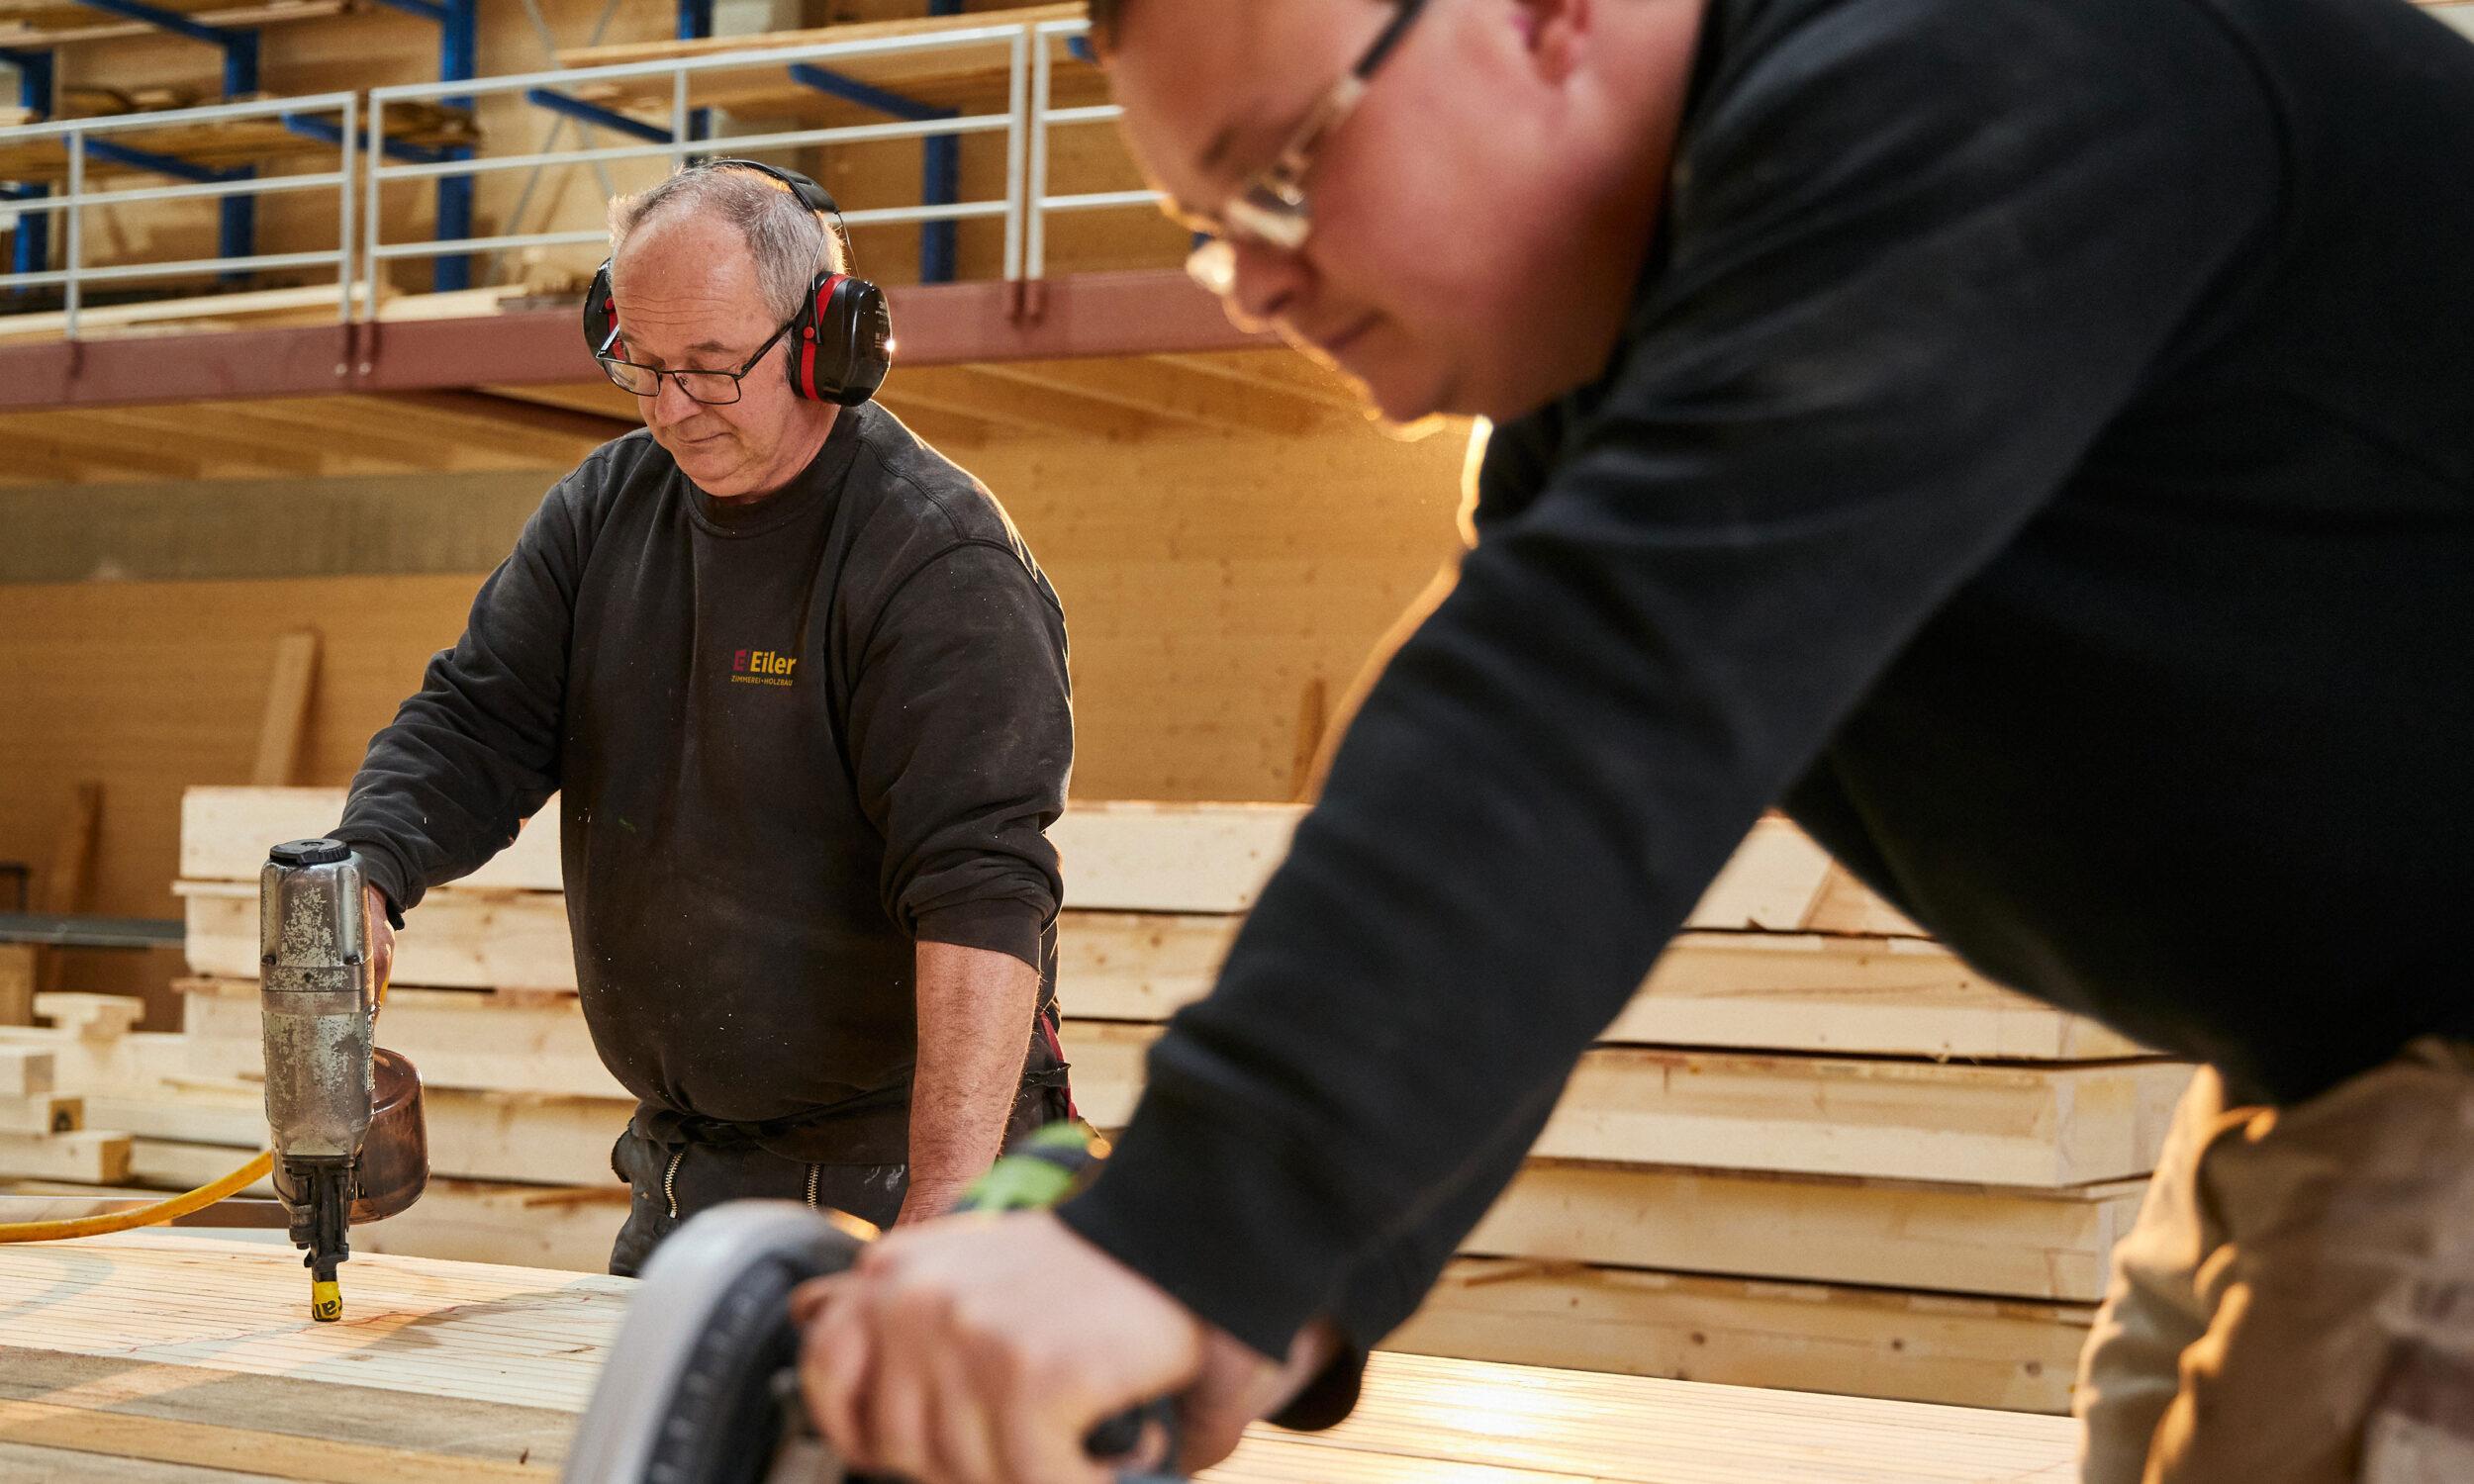 Mitarbeiter bei der Arbeit, Holzbau Eiler